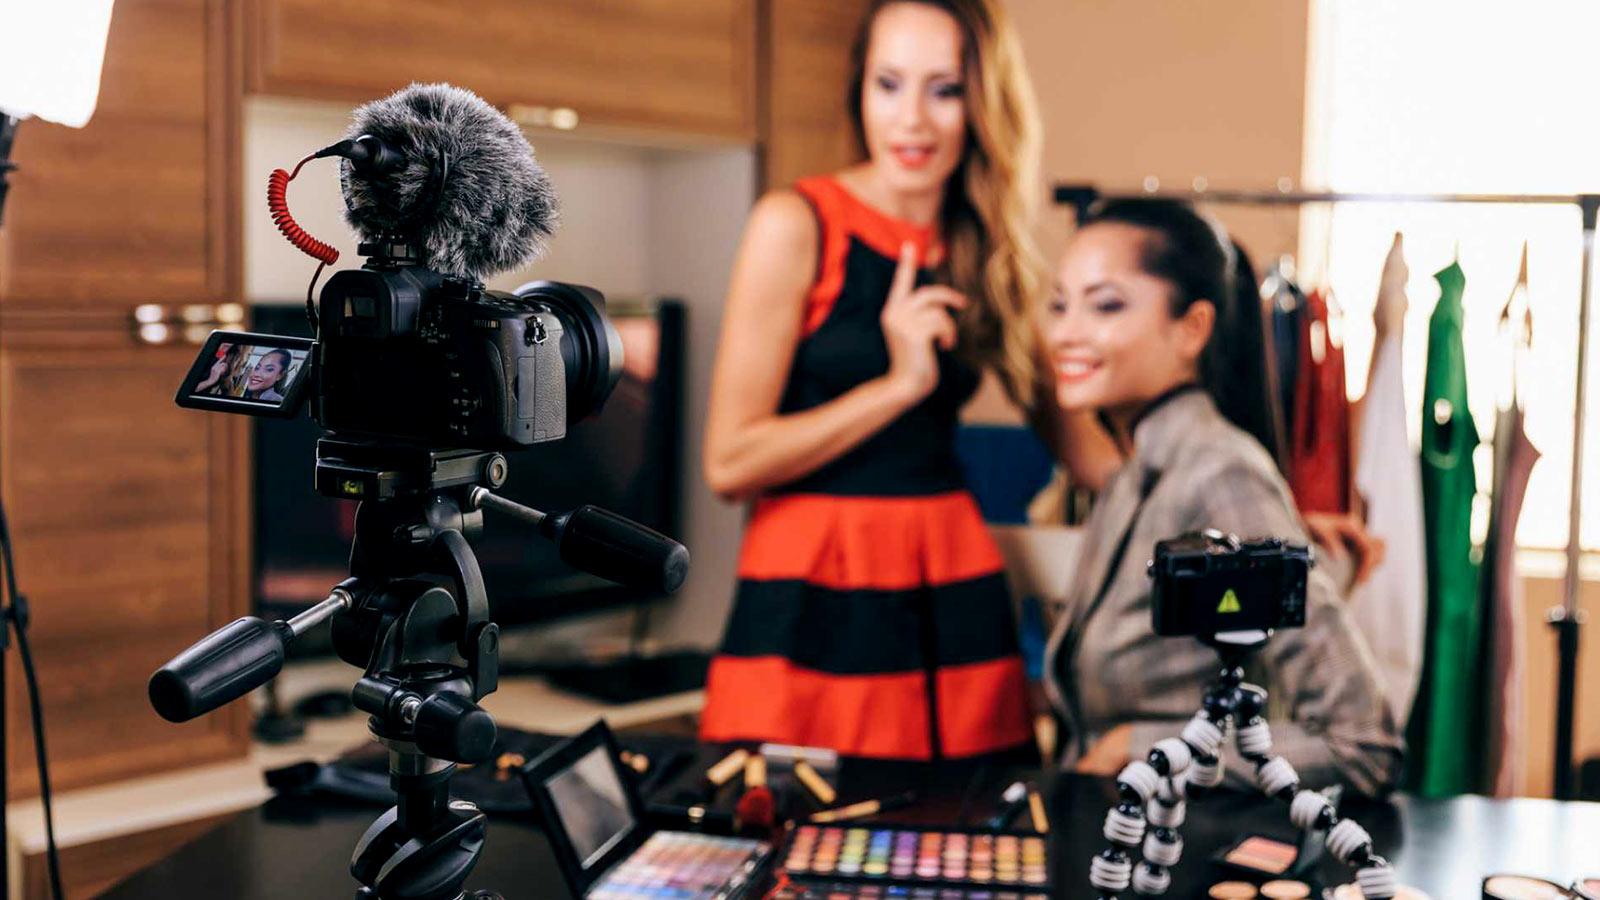 boas praticas videos de treinamento 01a dumela - 5 boas práticas para a produção de vídeos de treinamento para infoprodutores